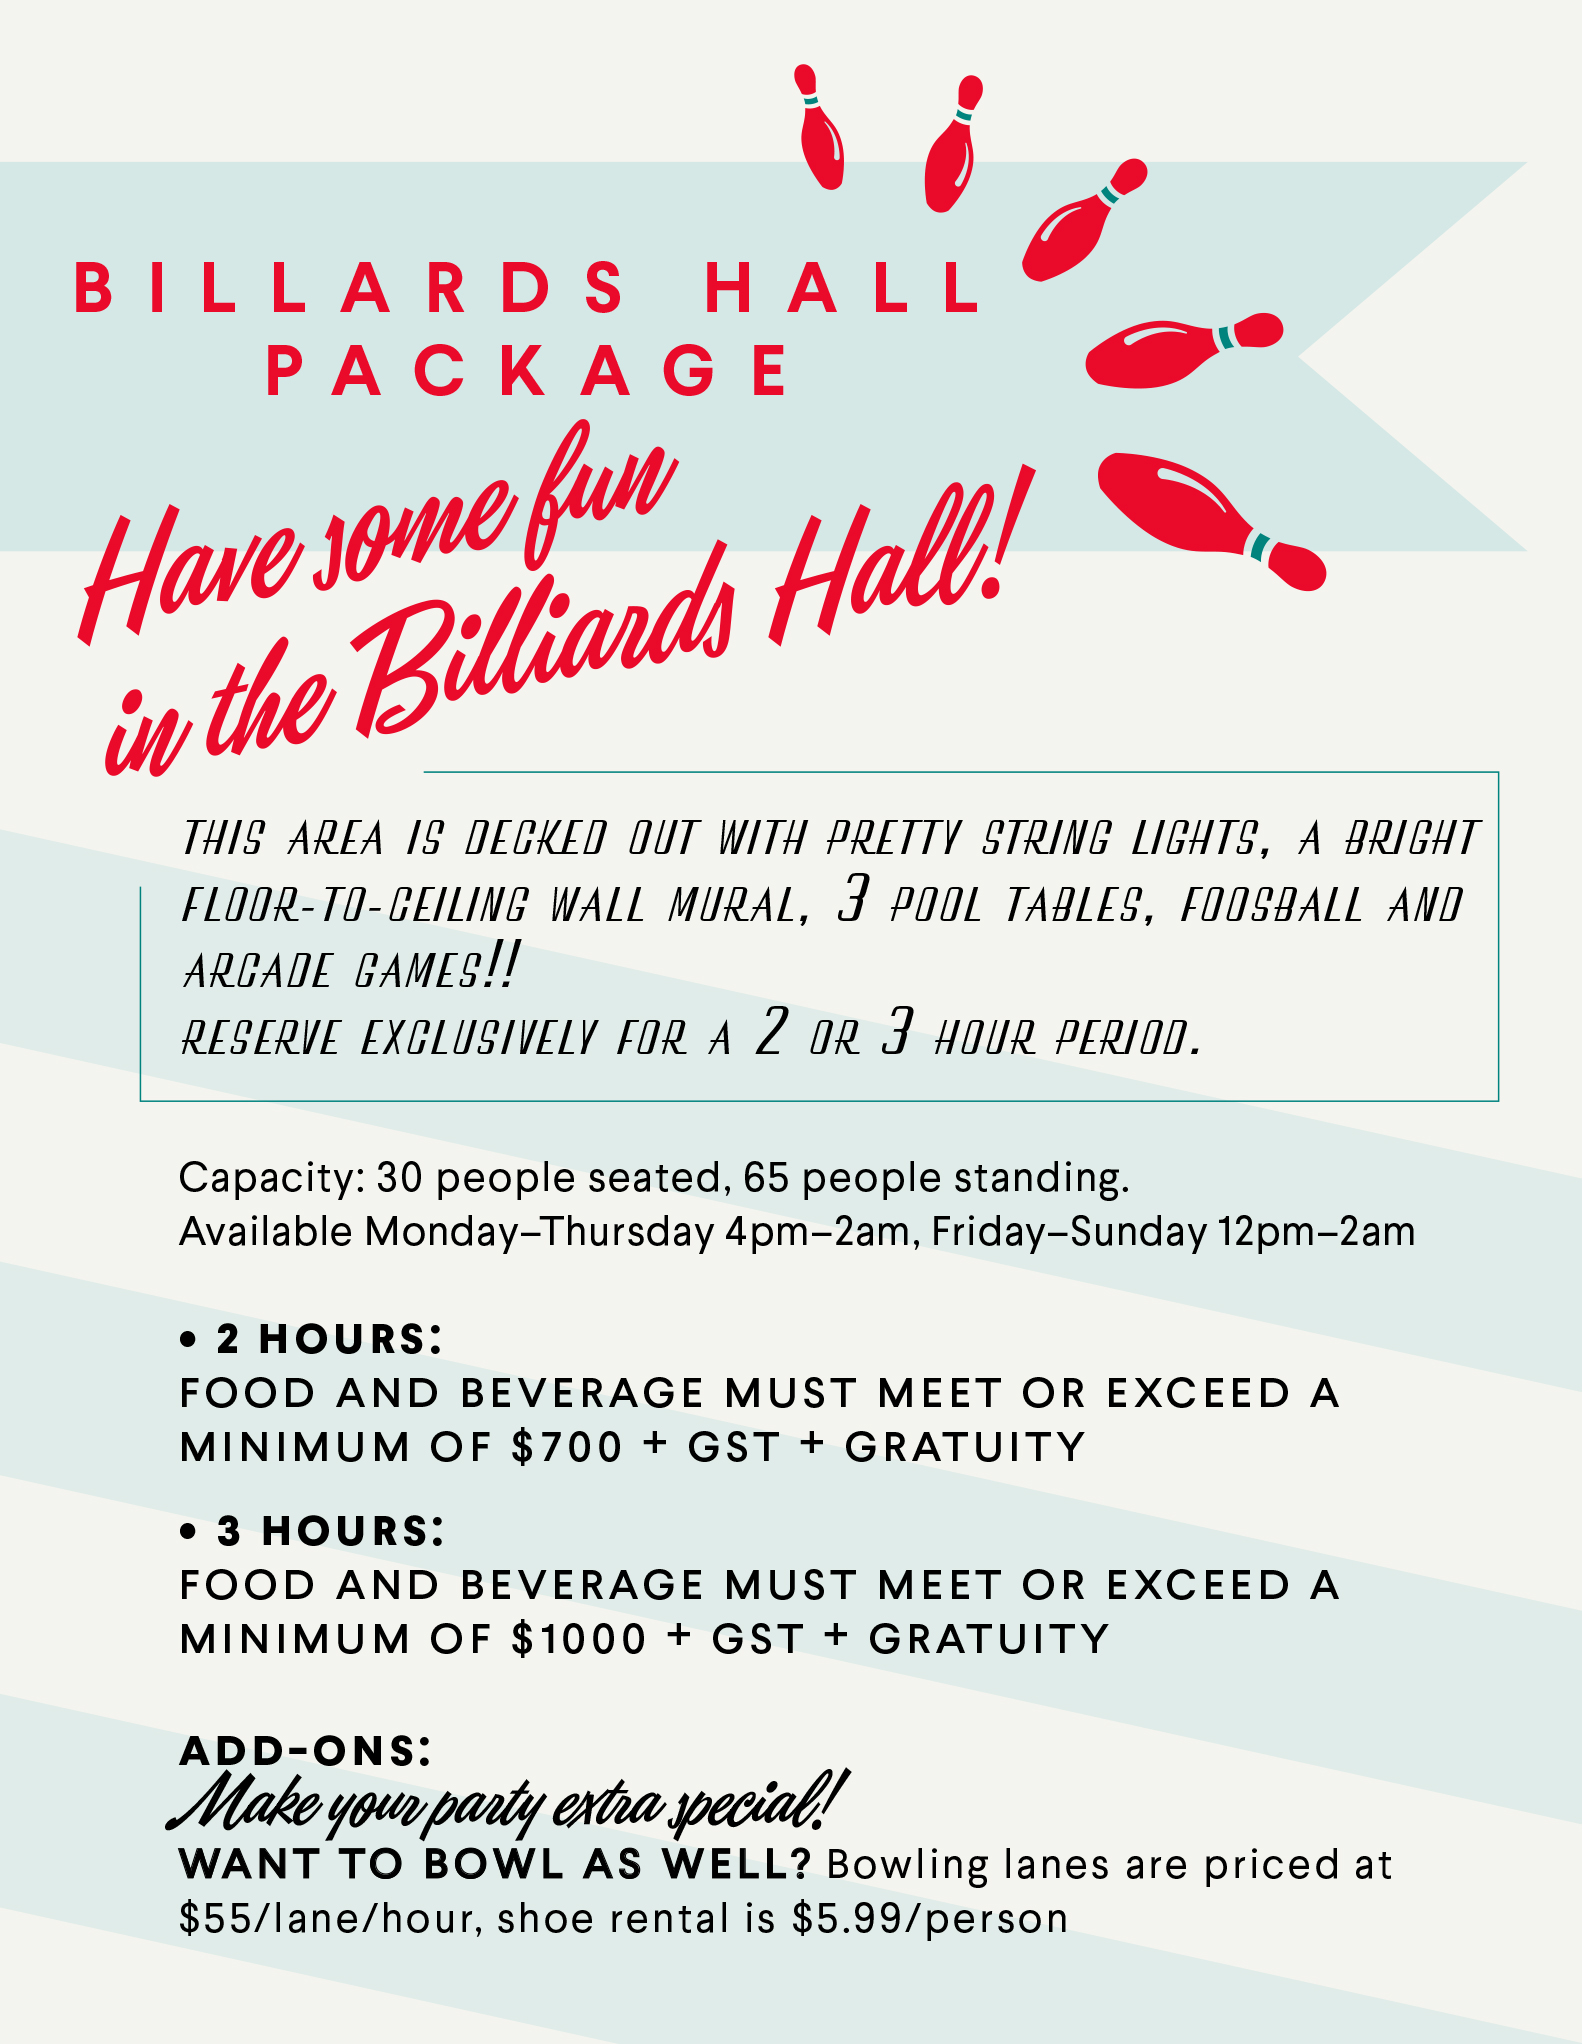 Billiards Hall Package.jpg